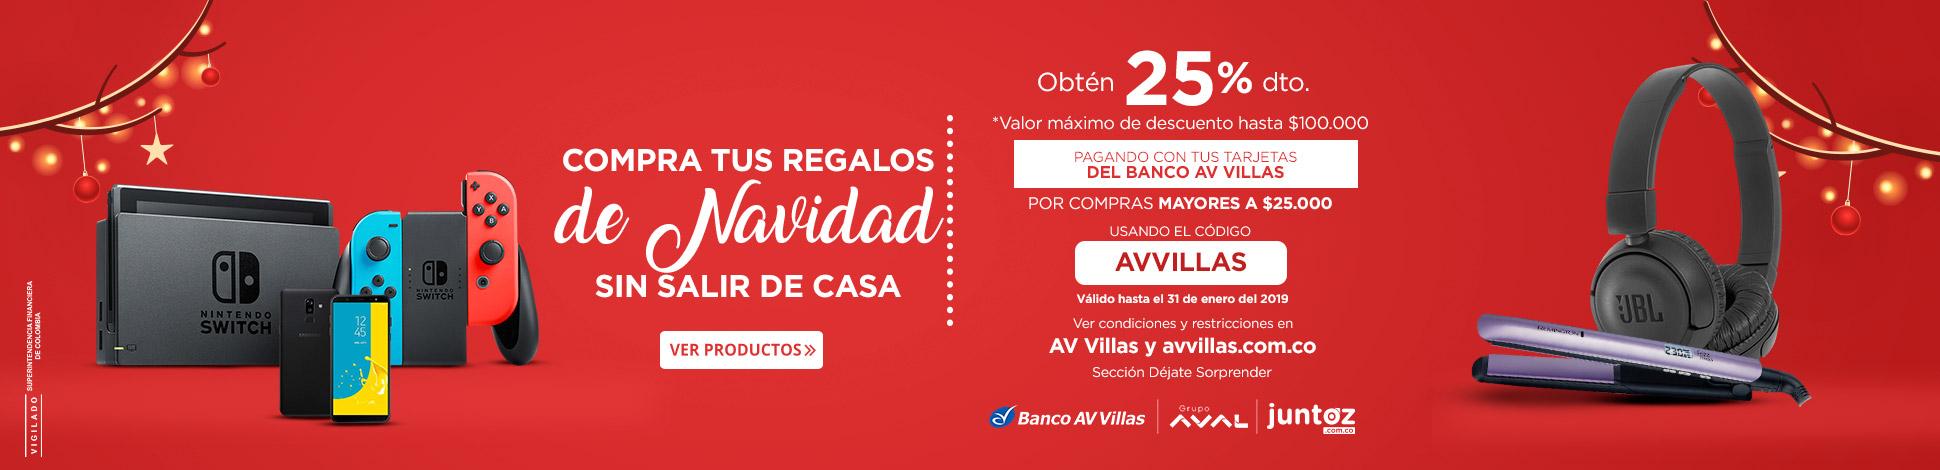 HS-BancoAVvillas.jpg